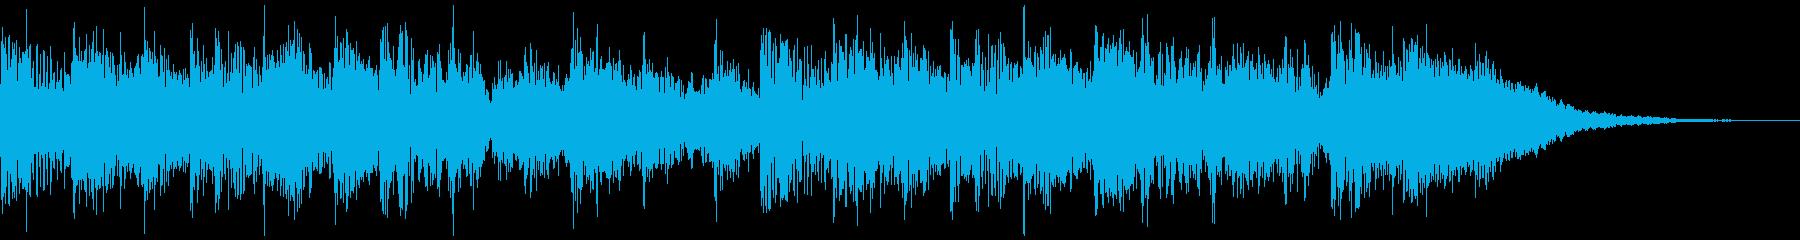 機械音で作ったSFチックなジングルです。の再生済みの波形